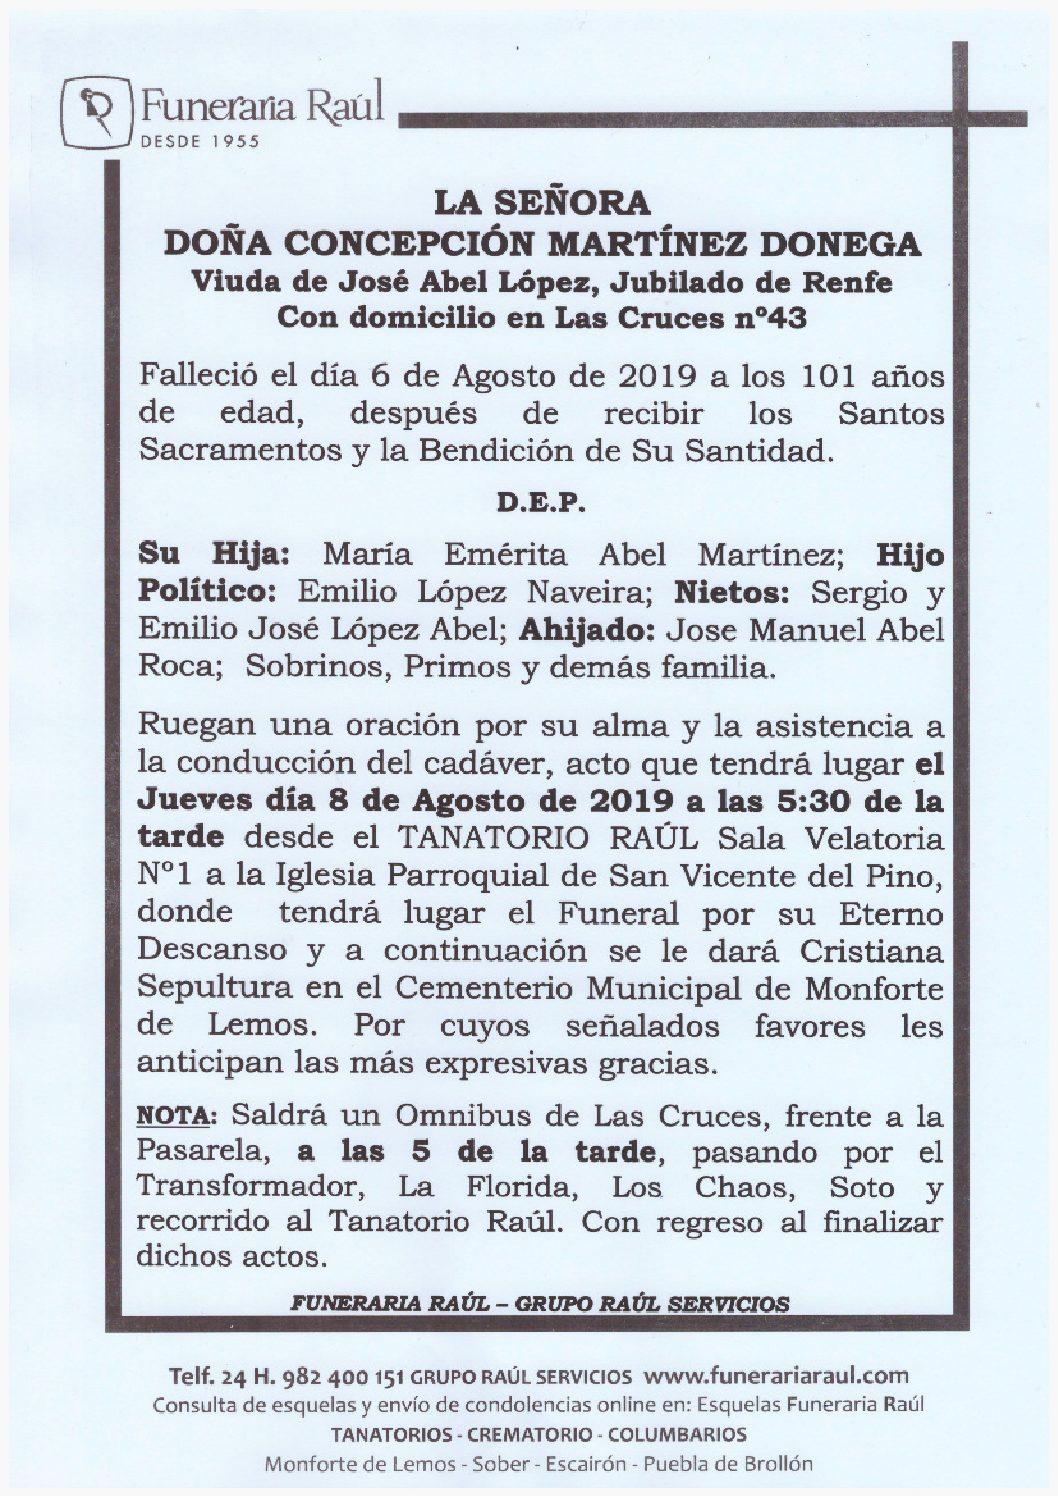 DOÑA CONCEPCION MARTINEZ DONEGA